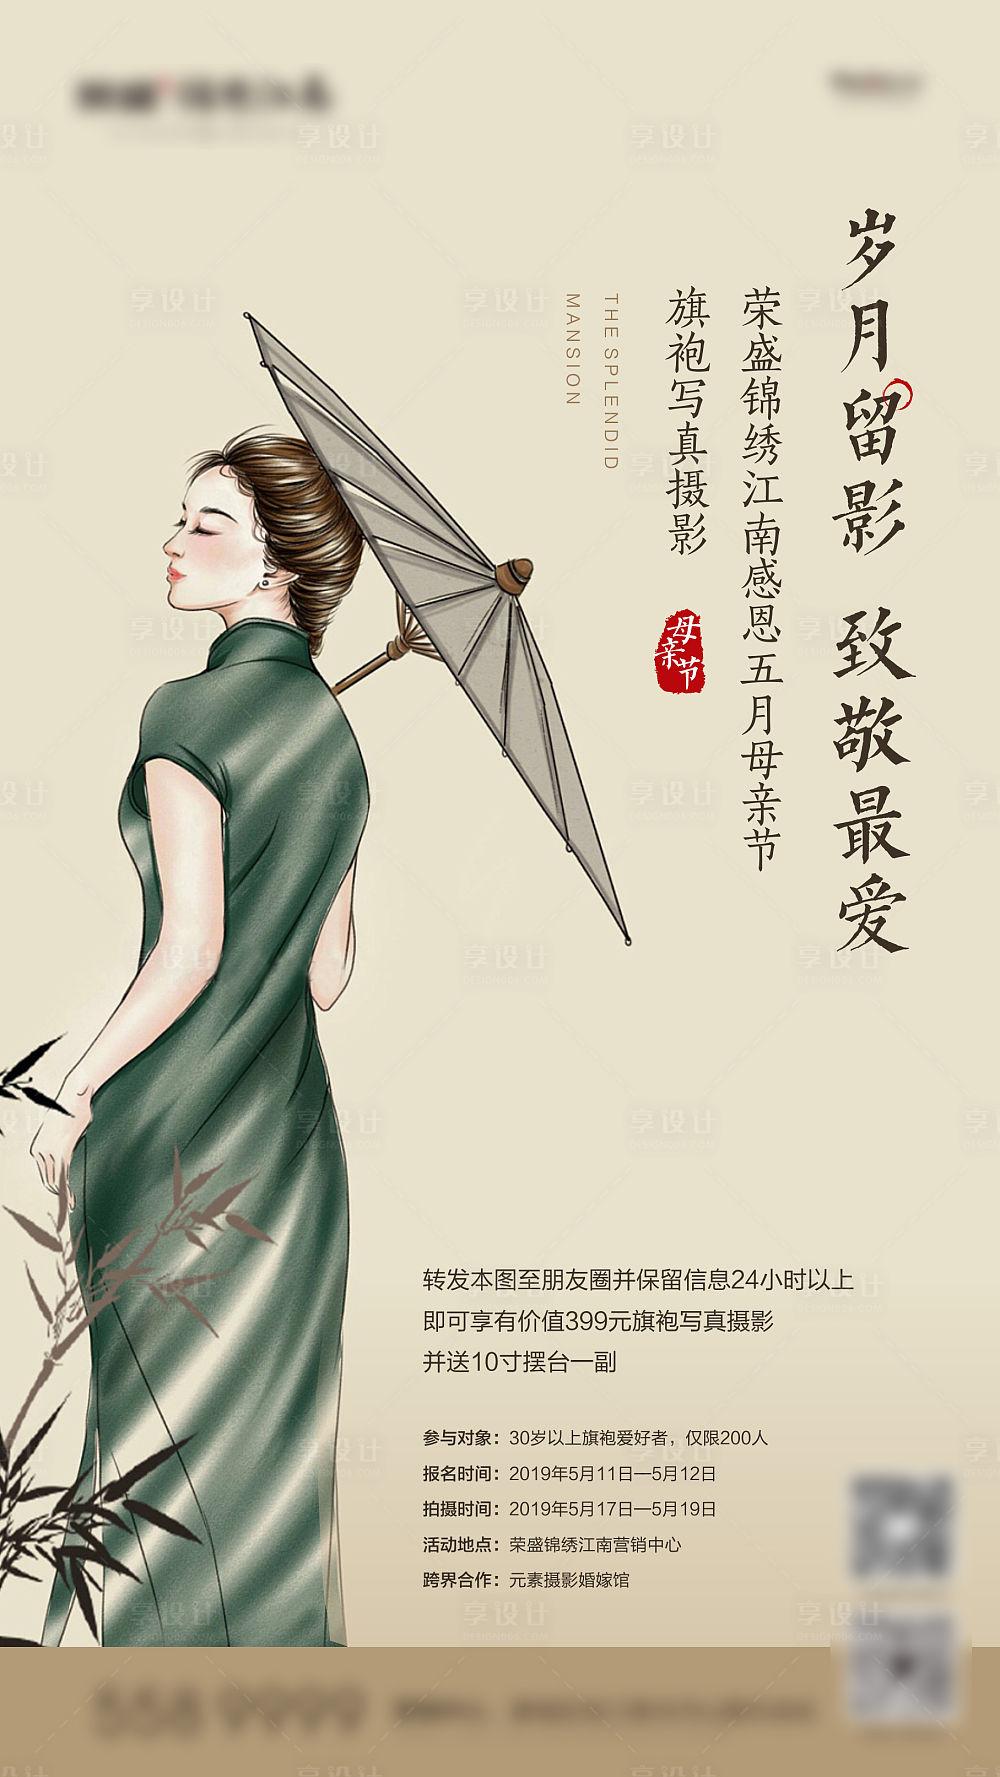 地产母亲节旗袍写真摄影活动海报-源文件